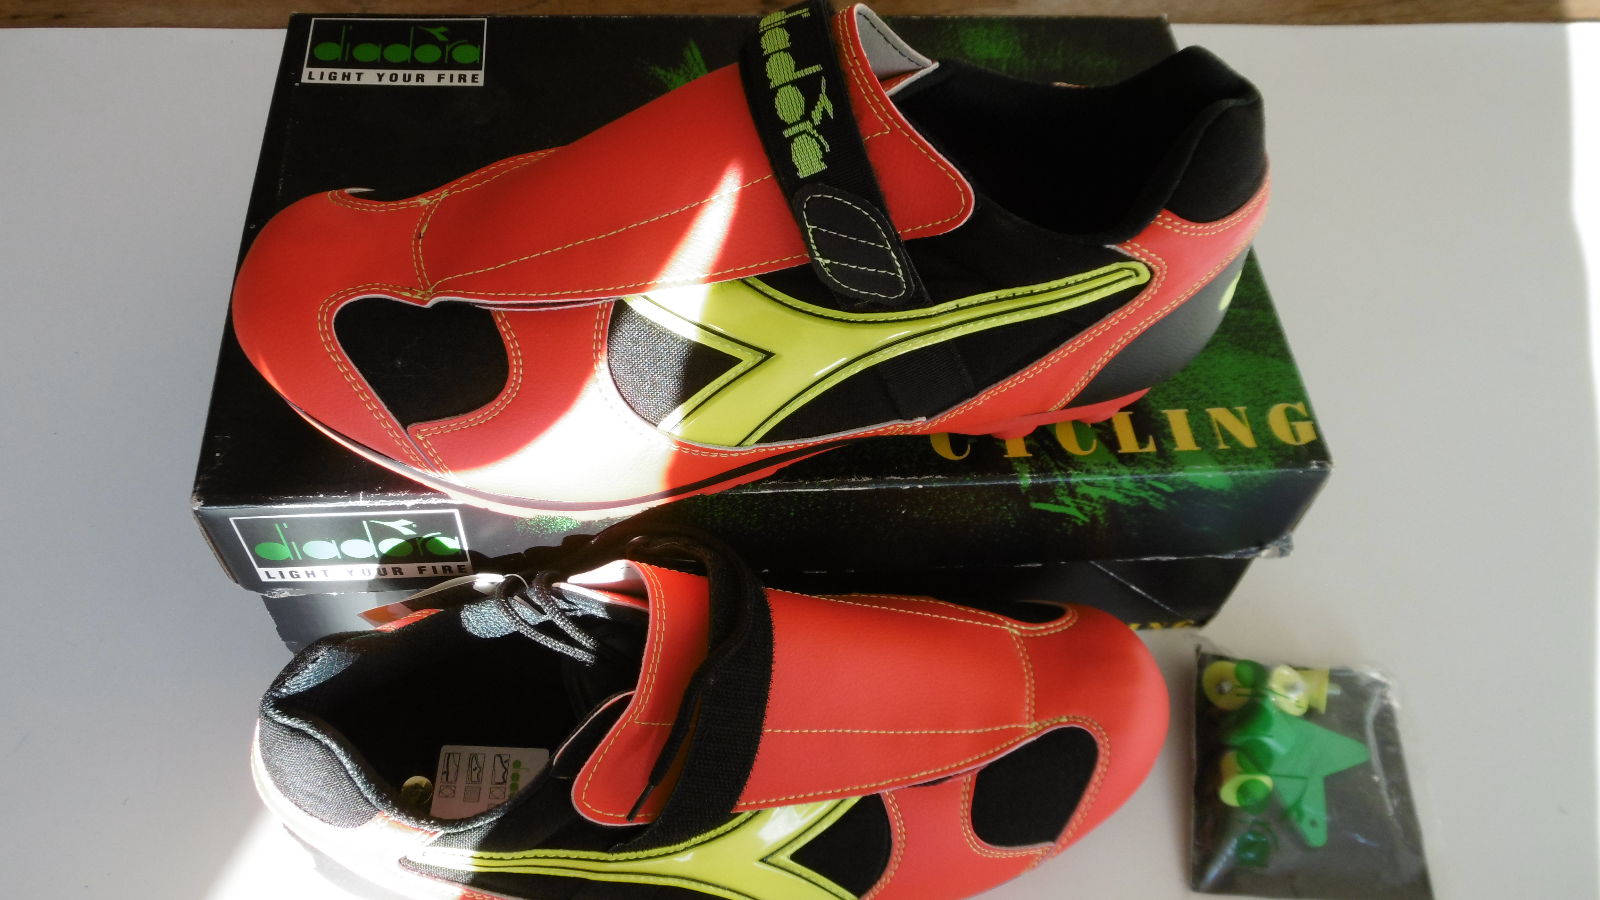 Diadora Jalapeno Team Dimensione 45 New In Box